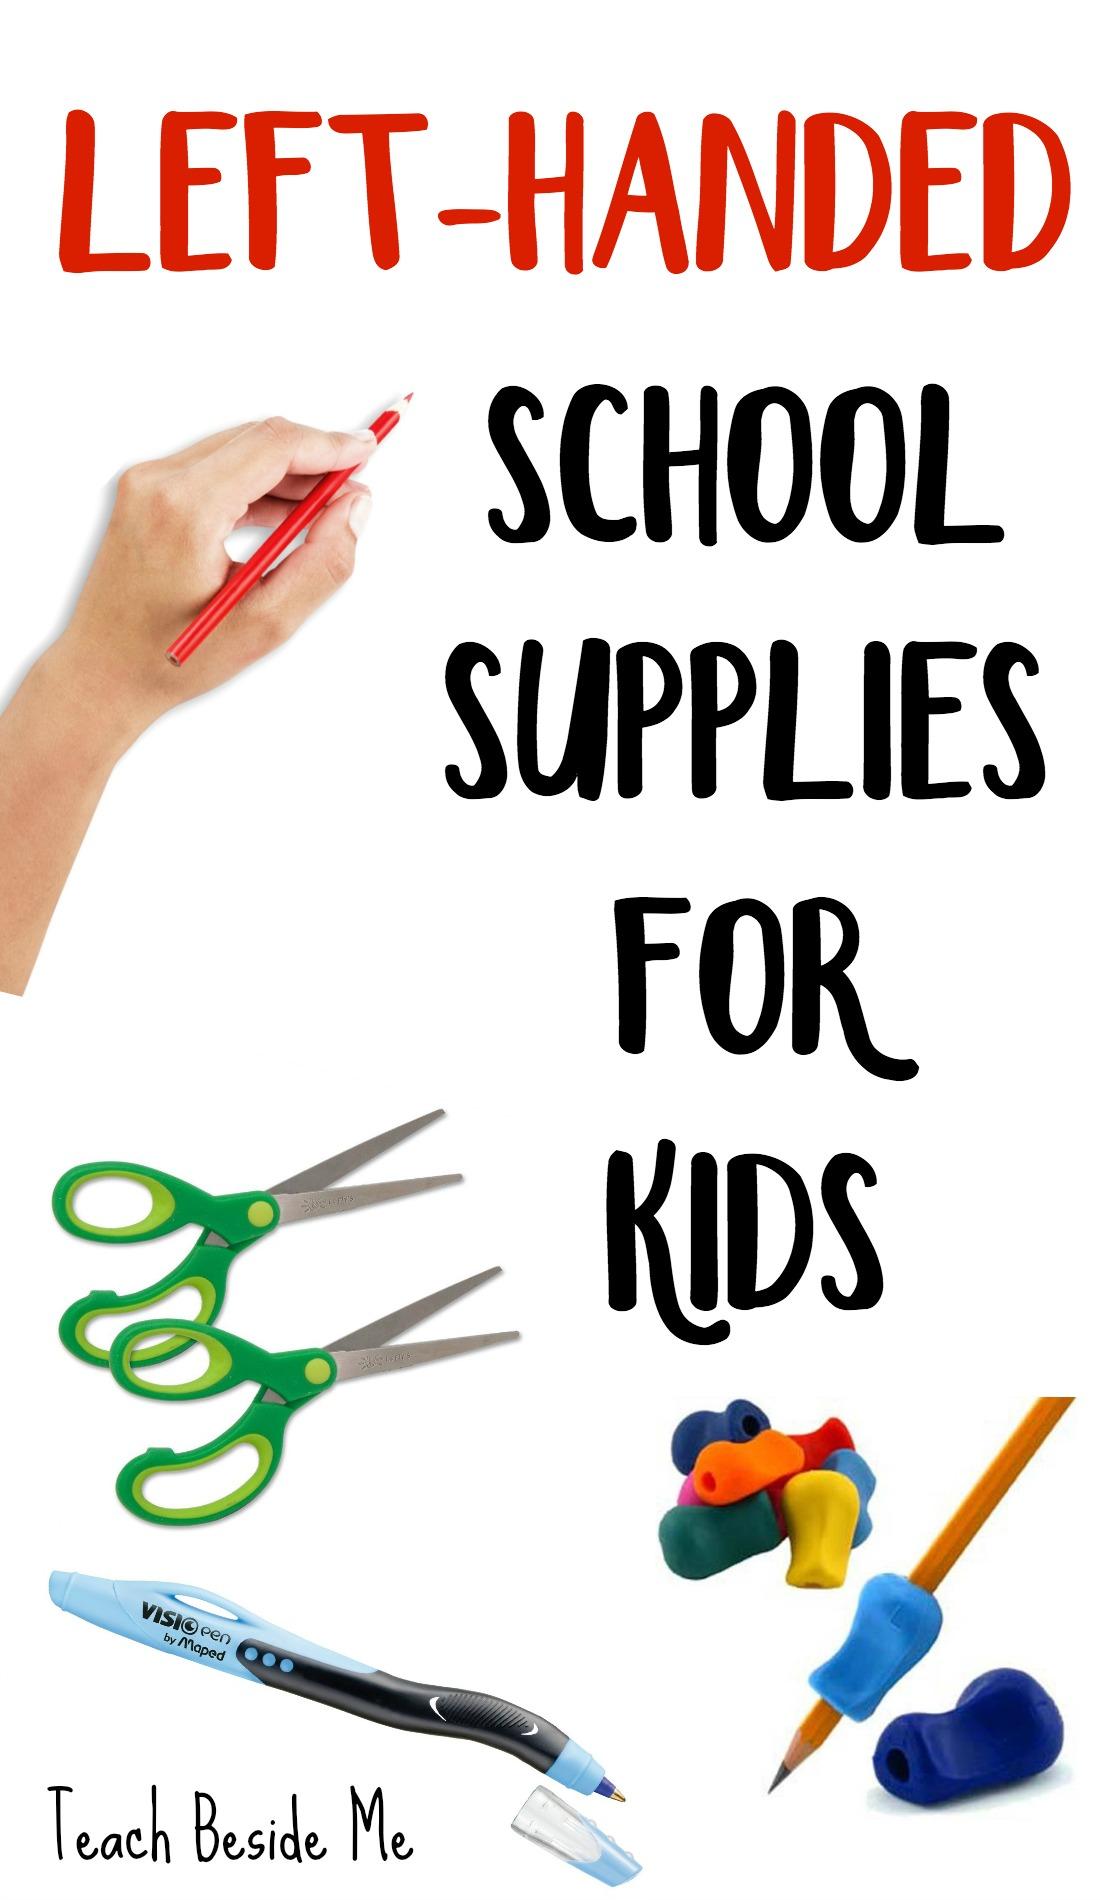 Left-Handed School Supplies for Kids